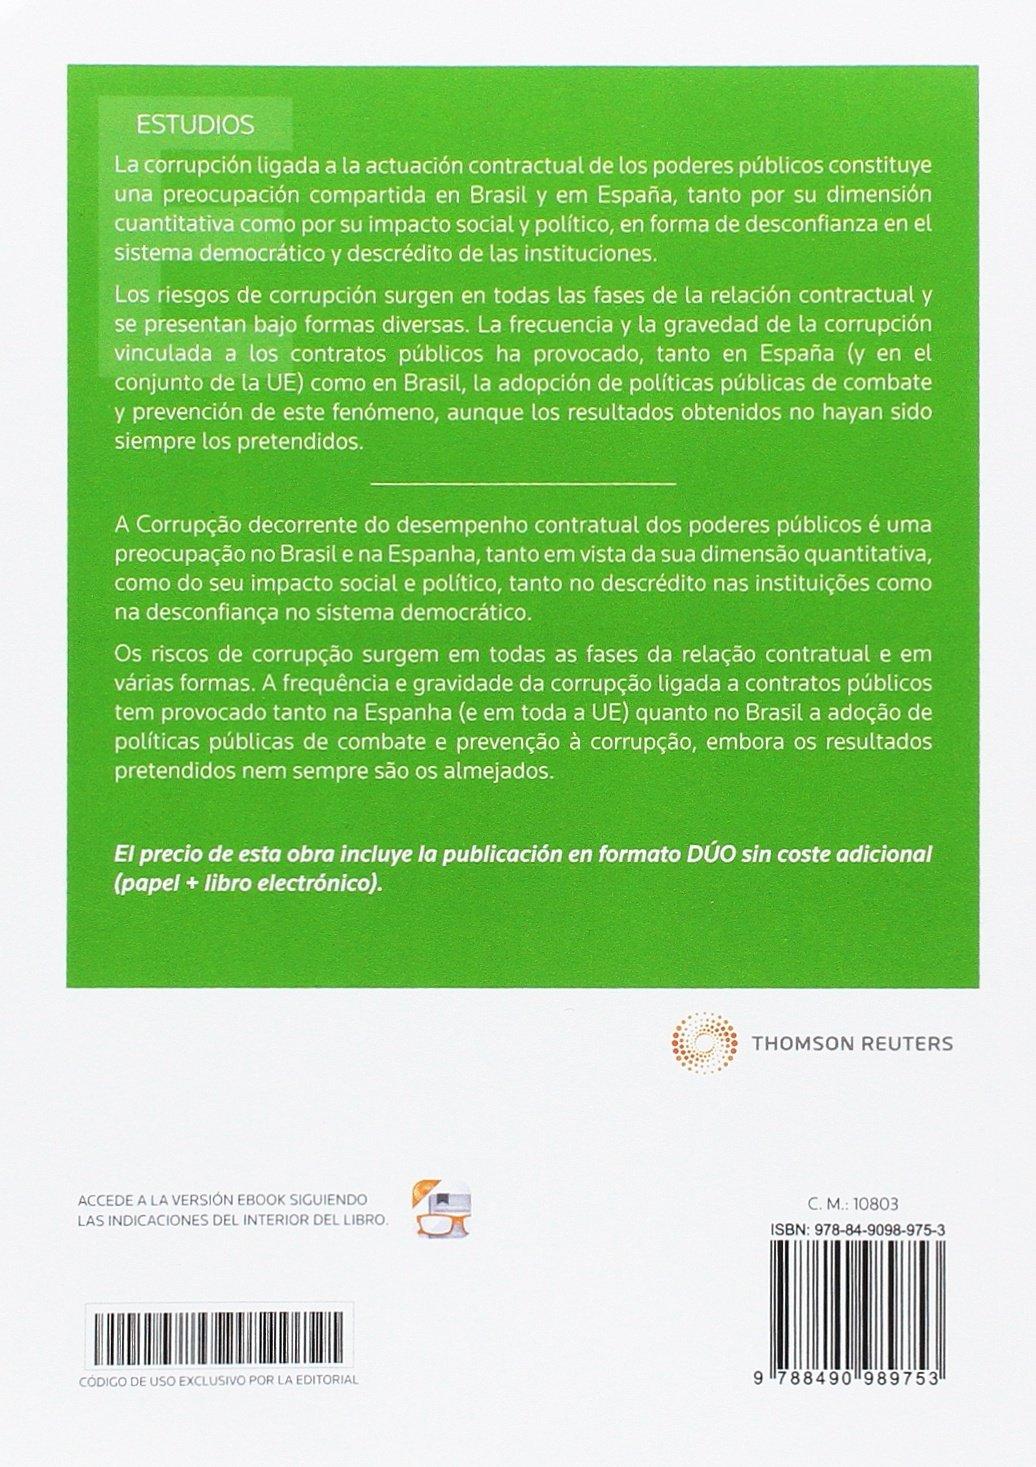 La respuesta jurídica a la corrupción en la contratación pública en Brasil y España Papel + e-book : A resposta jurídica à corrupção na contratação pública em Brasil e Espanha Monografía: Amazon.es: